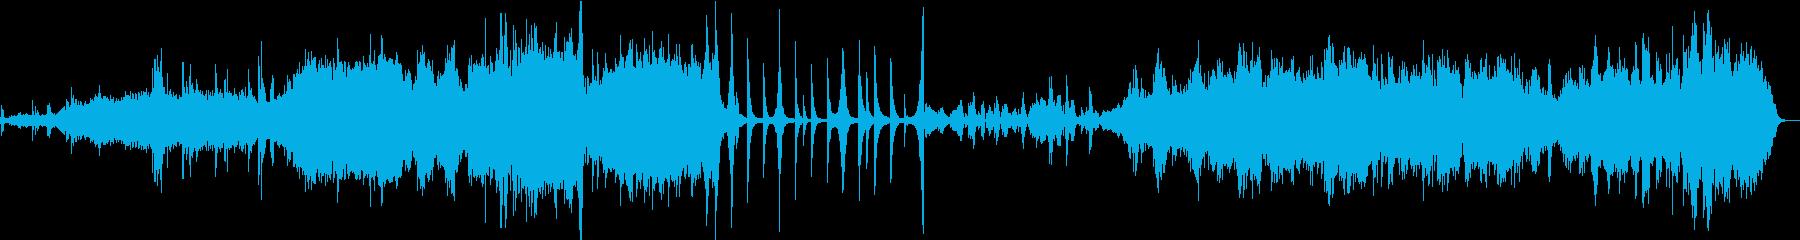 深海をさまようようなアンビエント曲の再生済みの波形